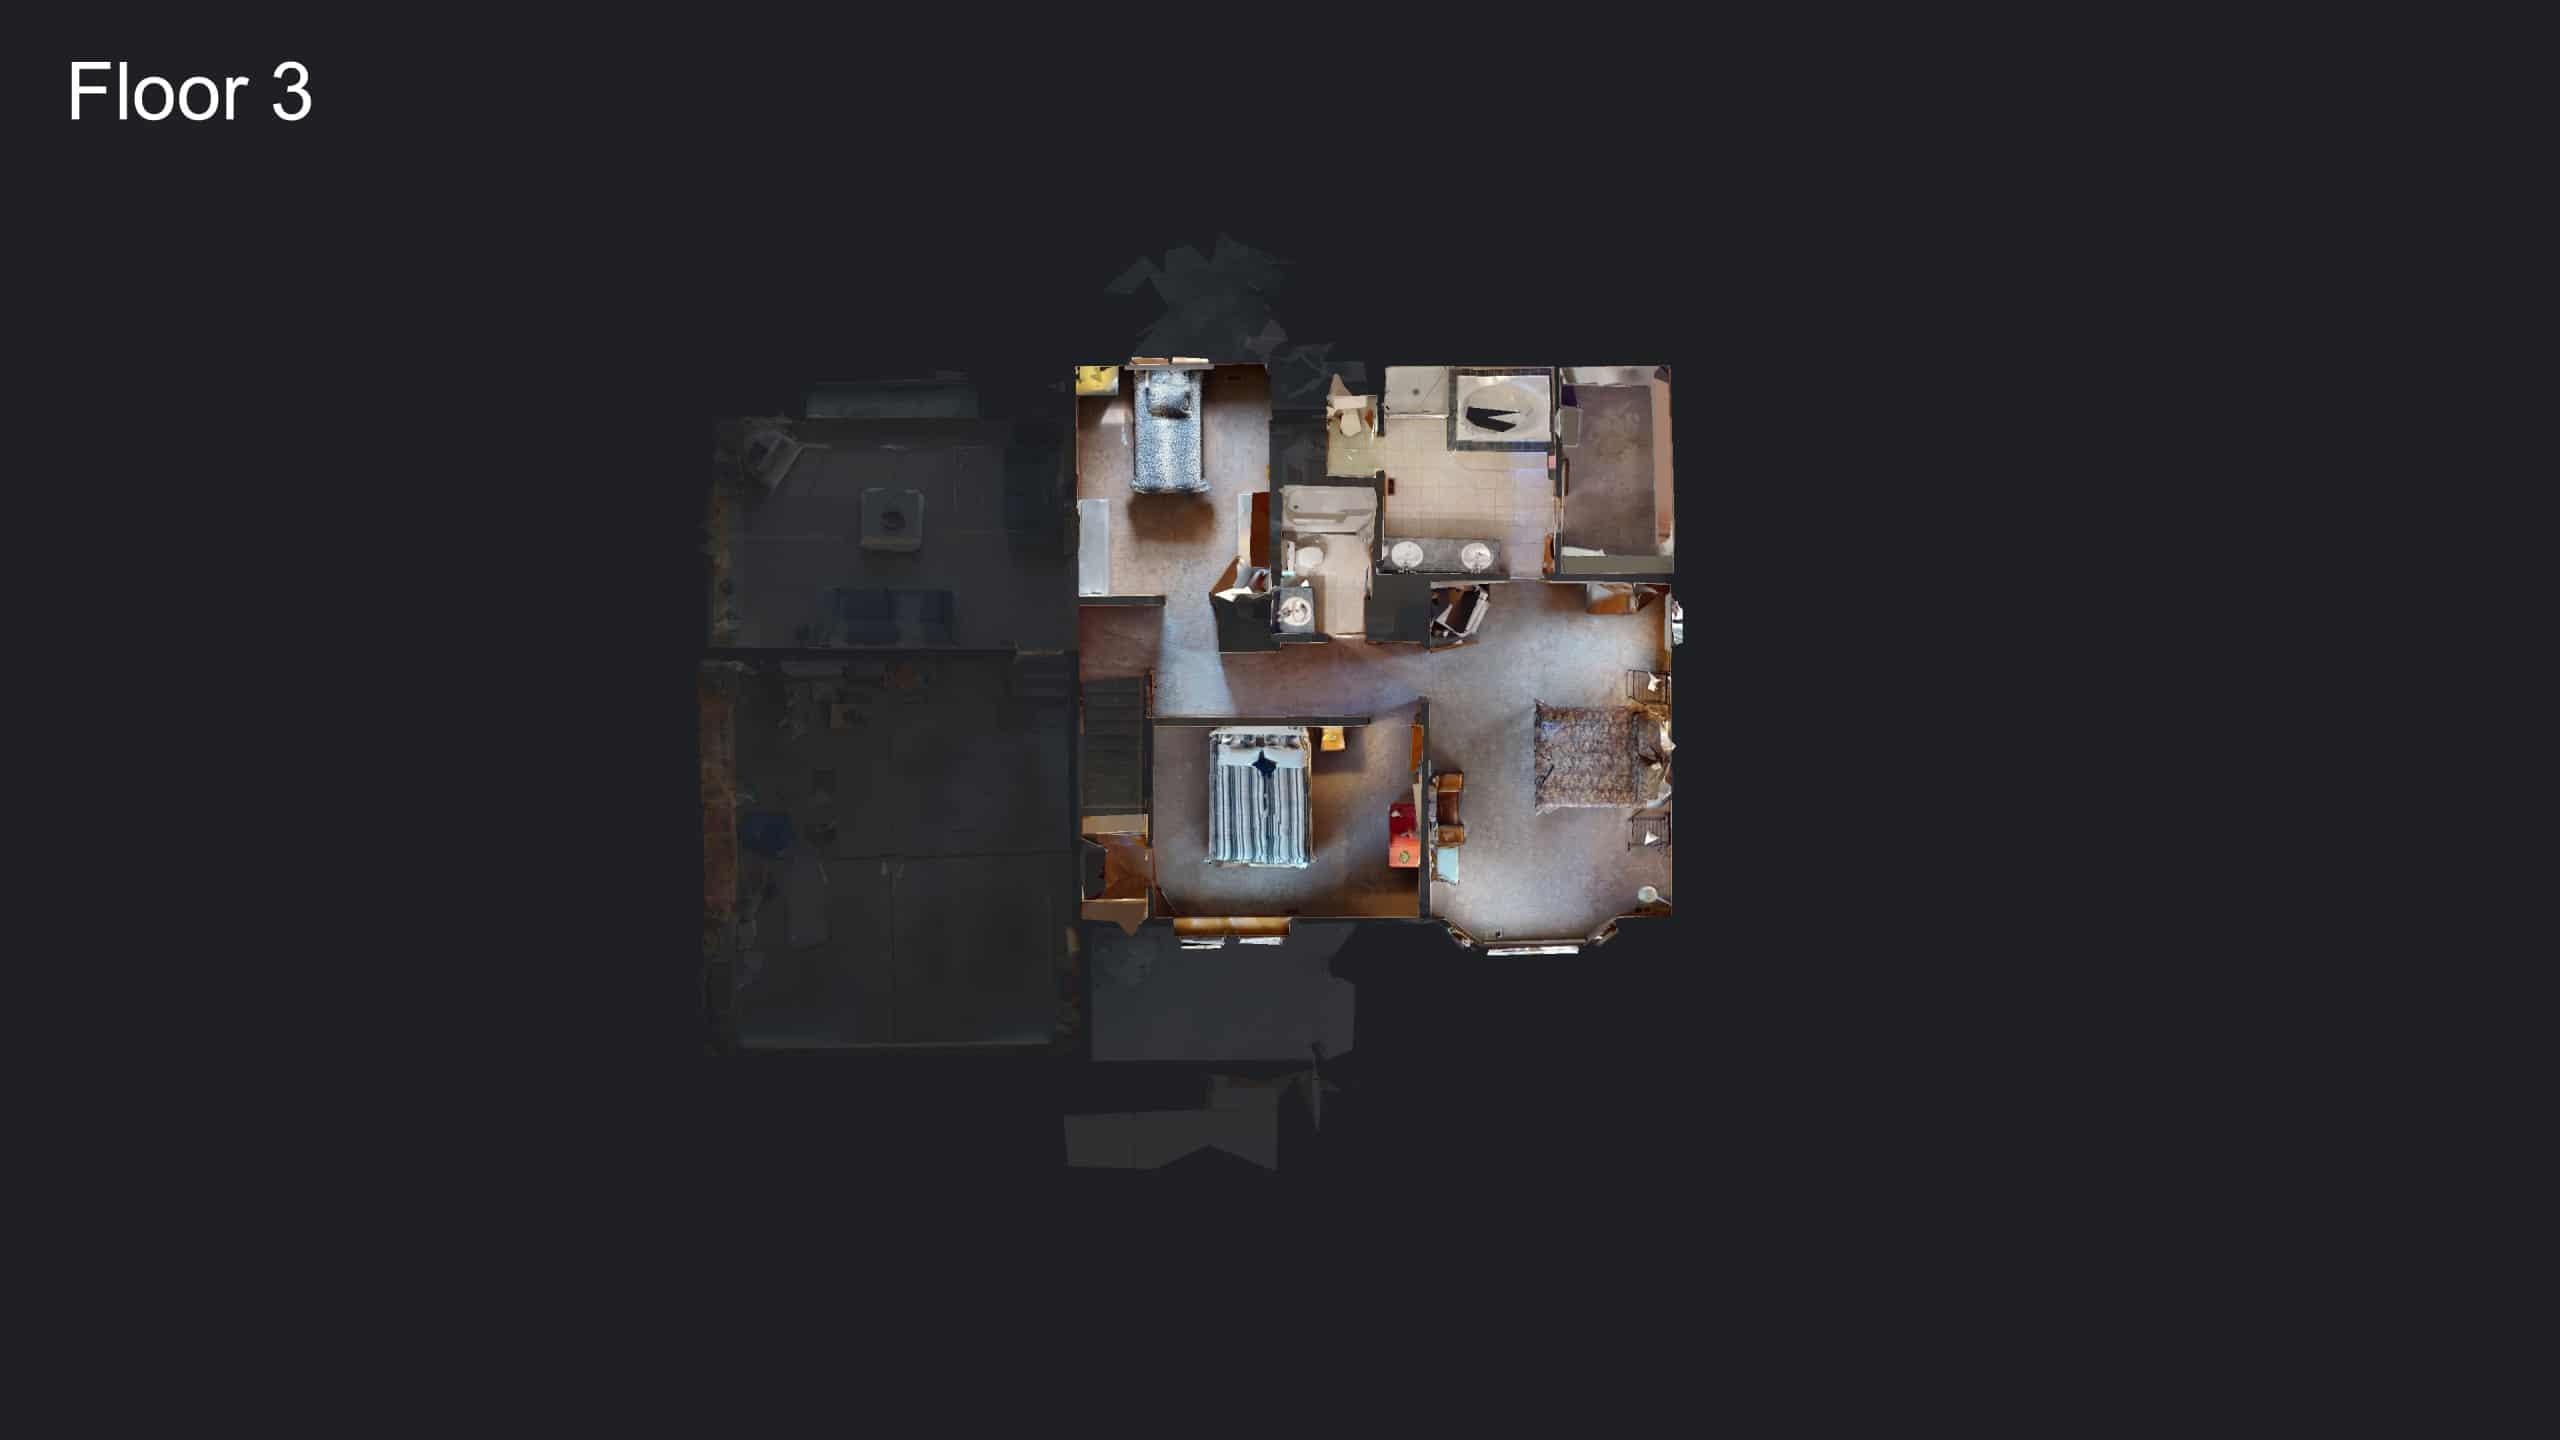 3D Floor Plan of Upper Floor